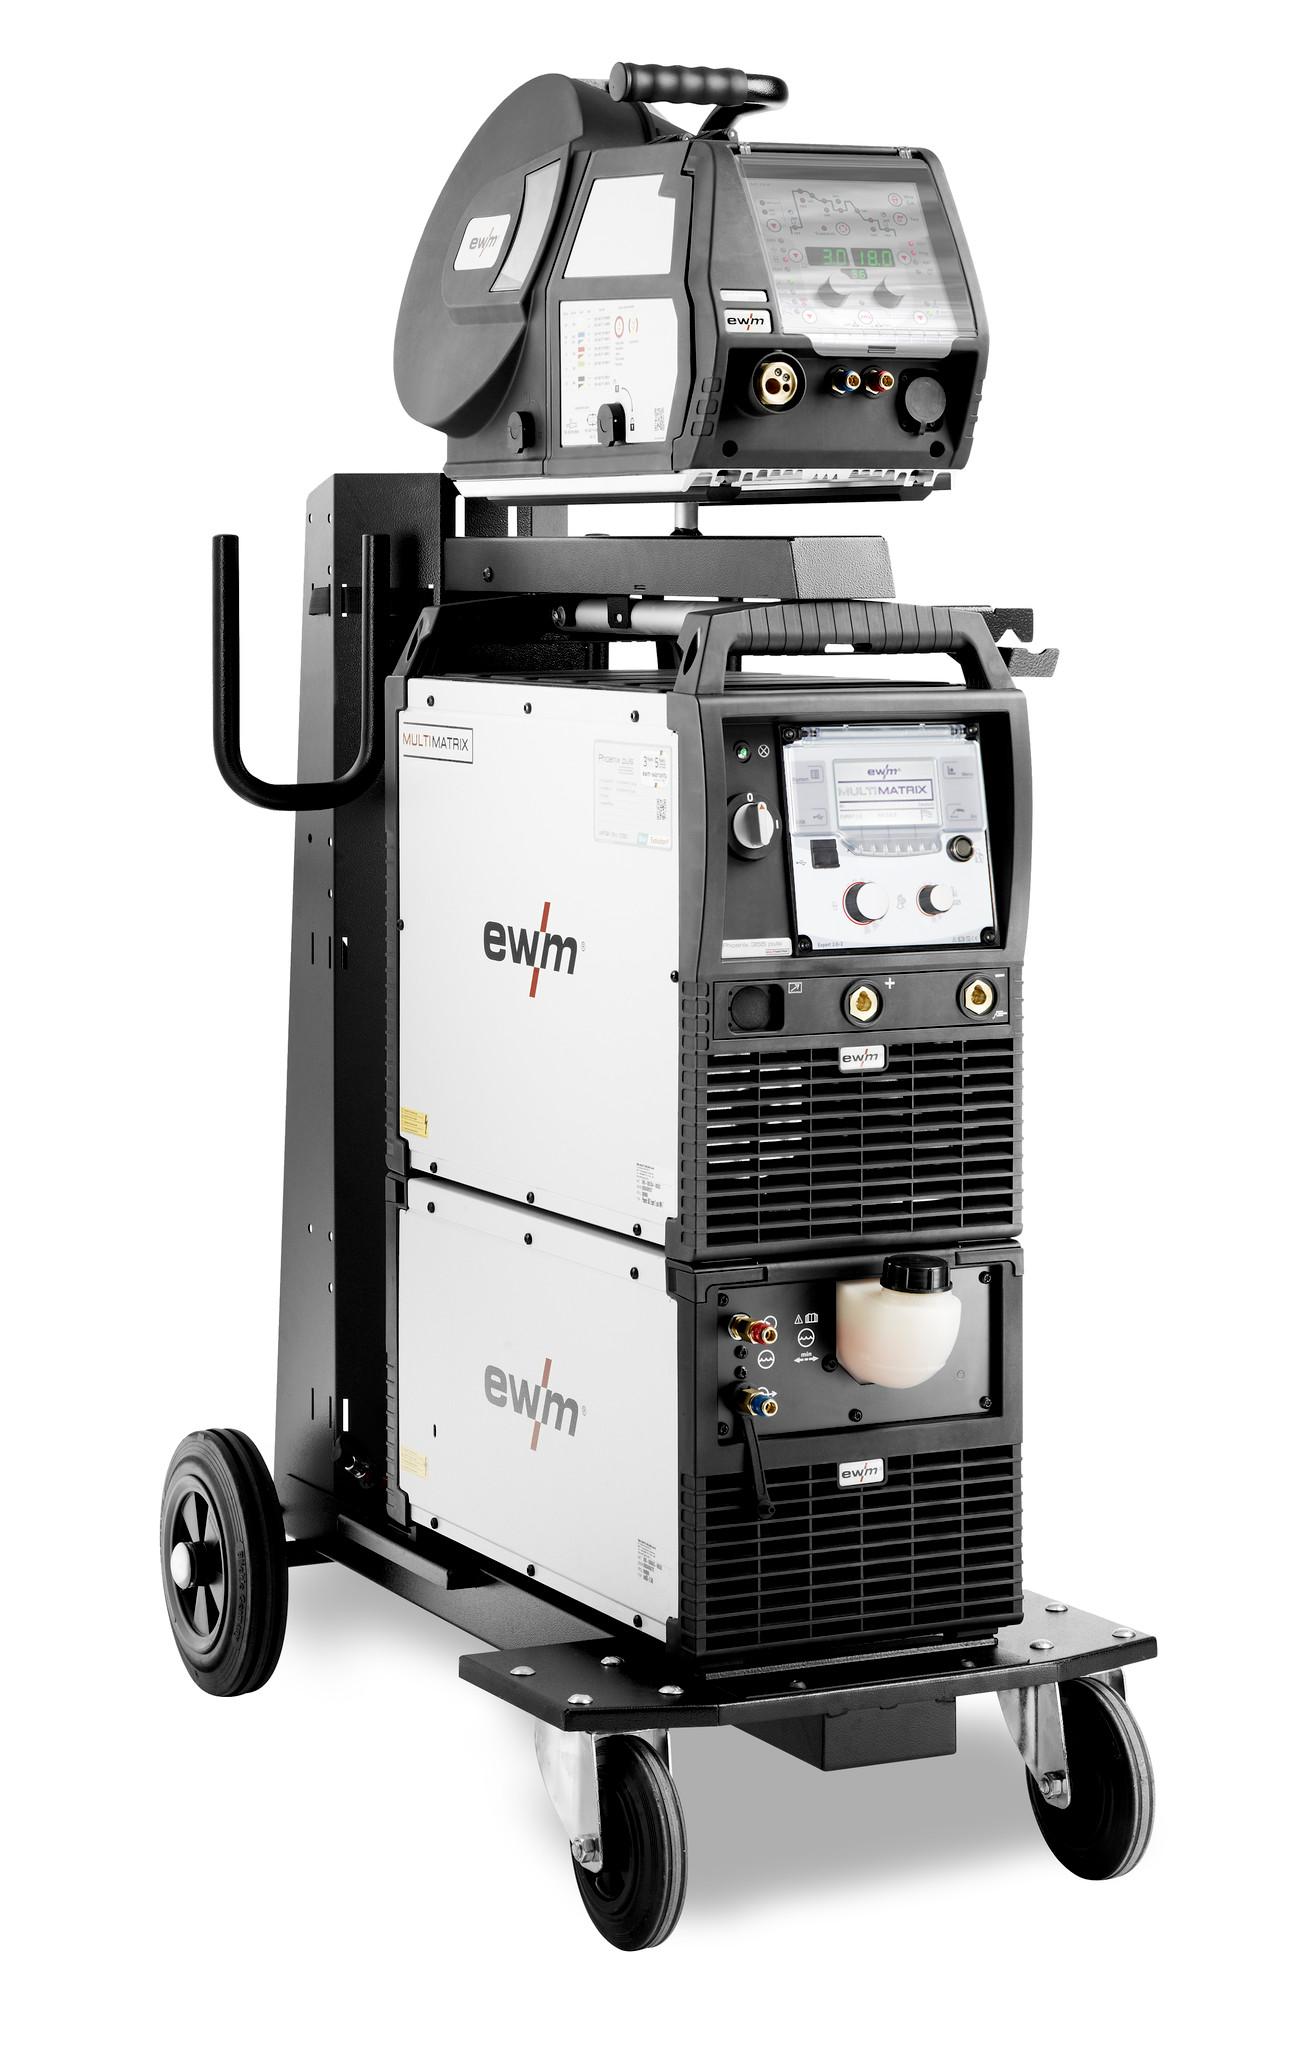 Сварочный аппарат для импульсной сварки Phoenix 505 Expert 2.0 puls MM TDM